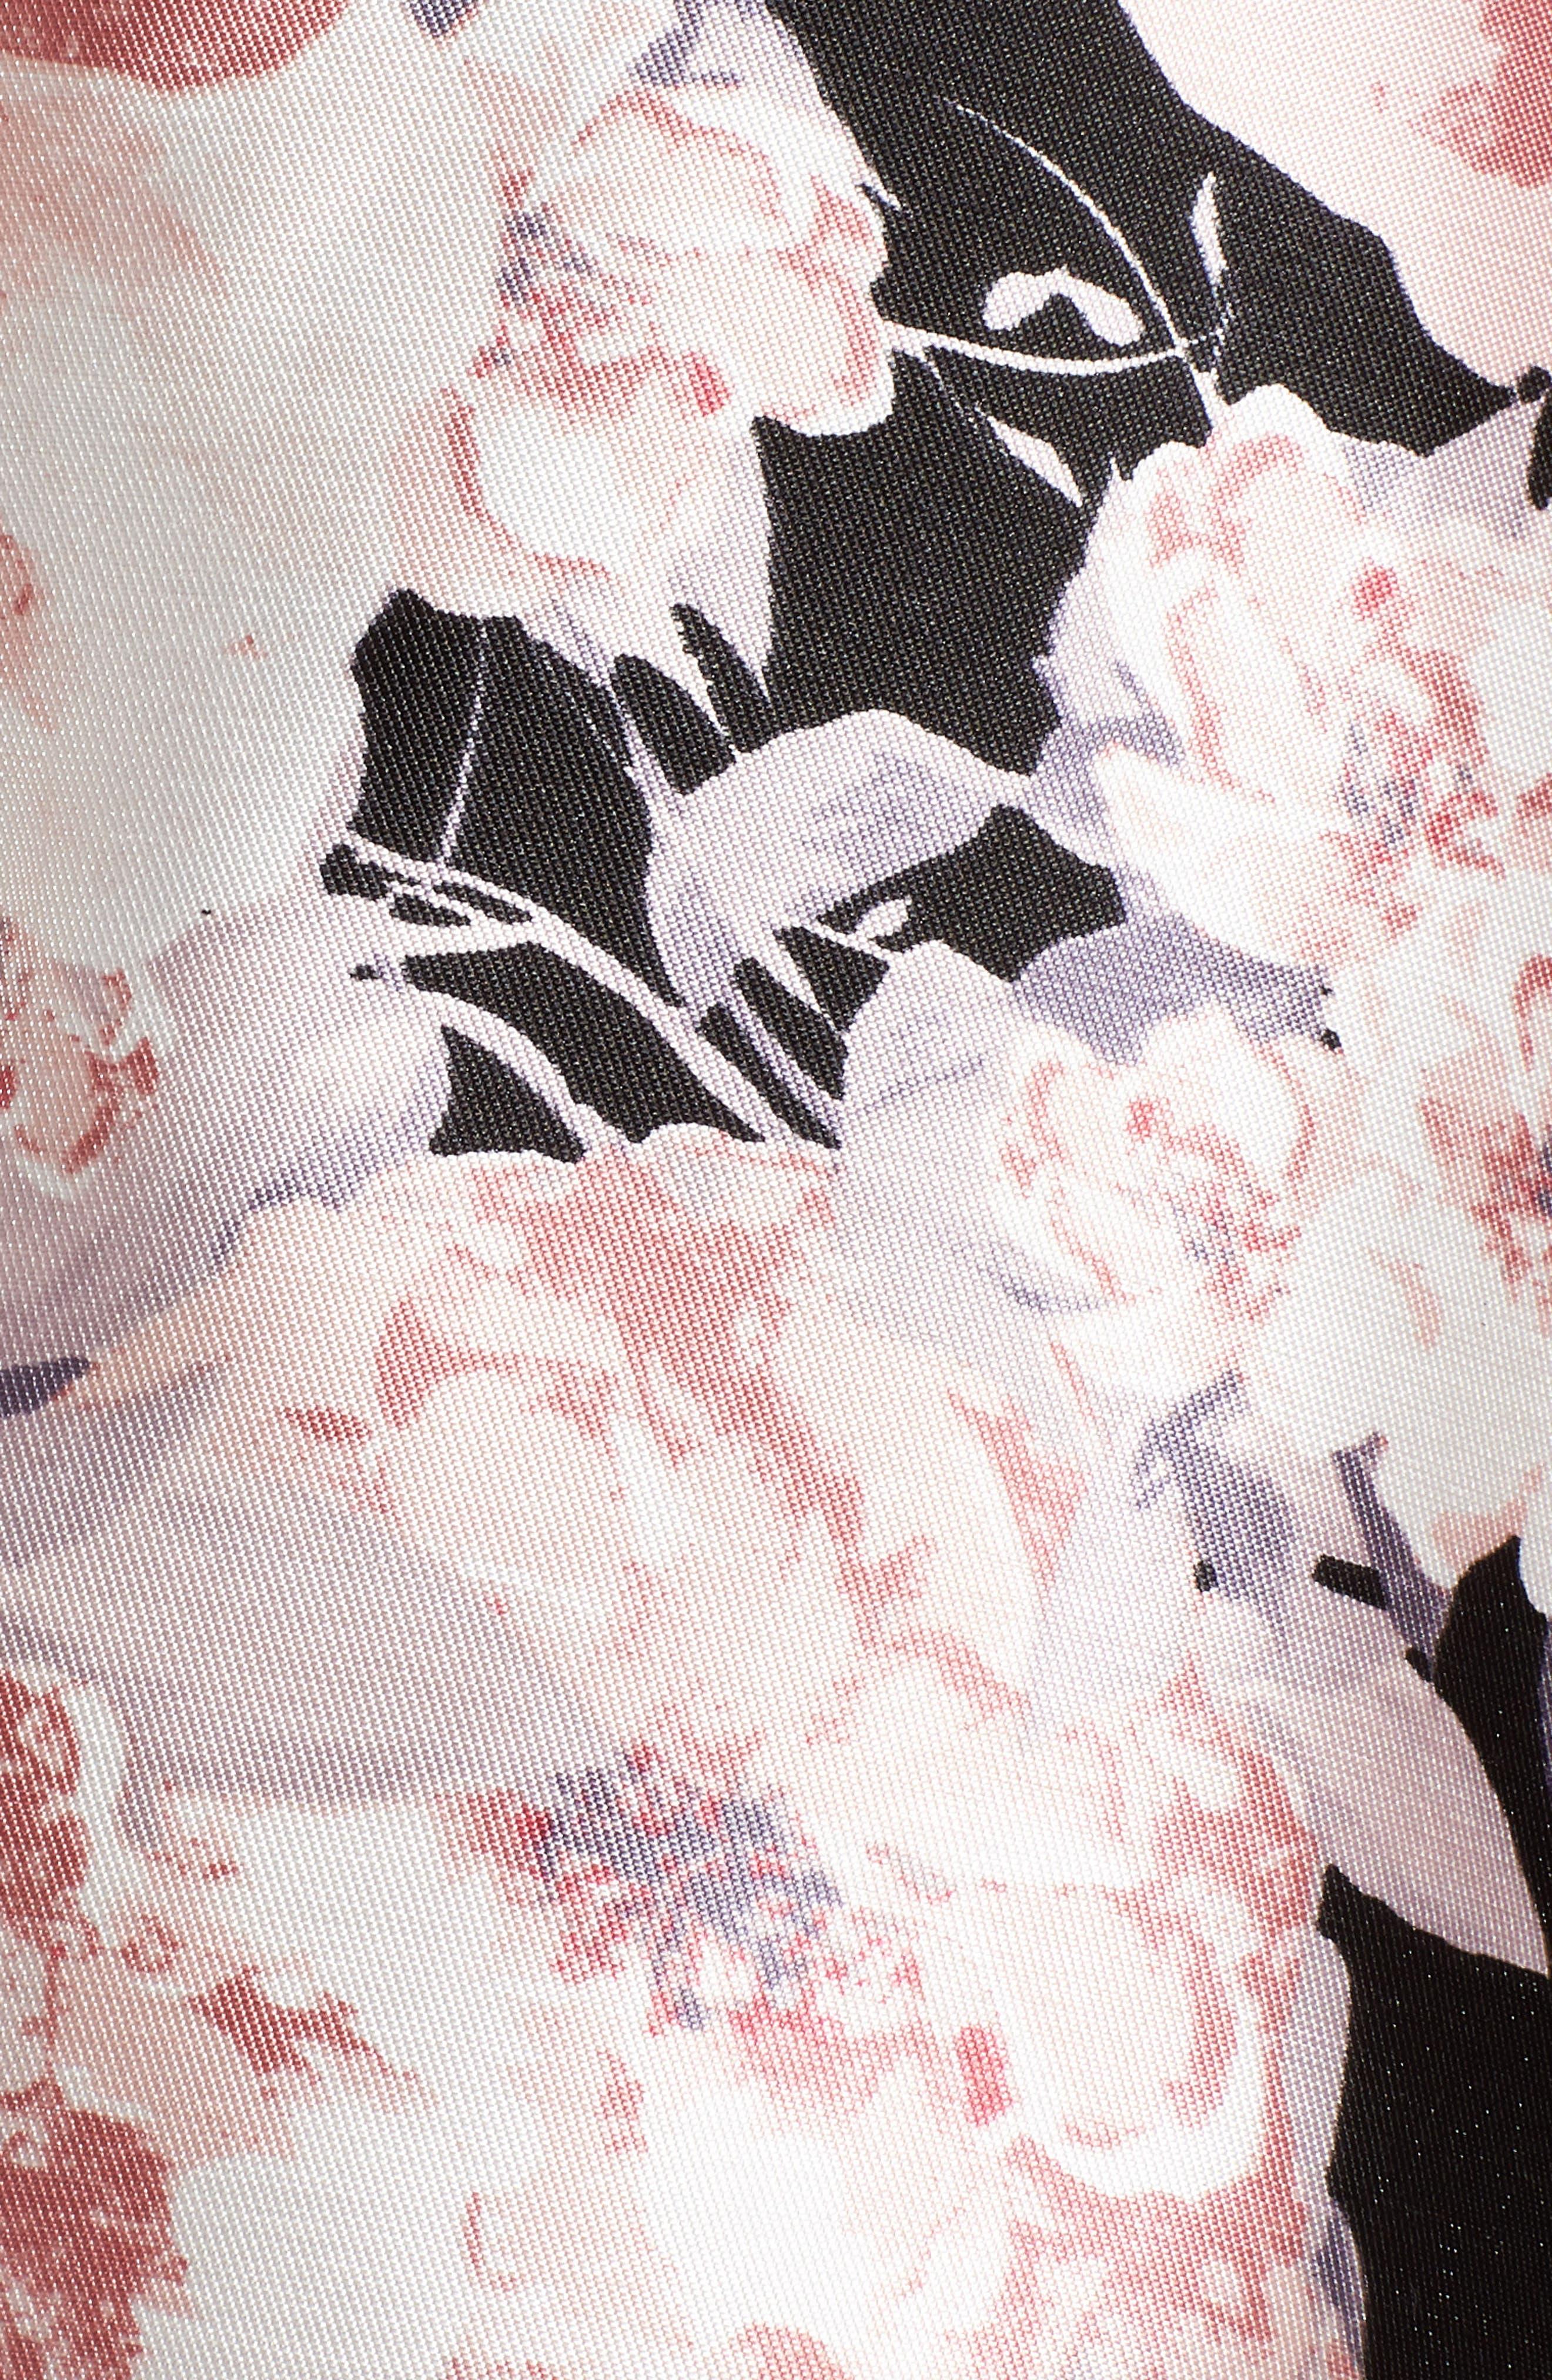 Mikado Skater Dress,                             Alternate thumbnail 5, color,                             Black/ Blush